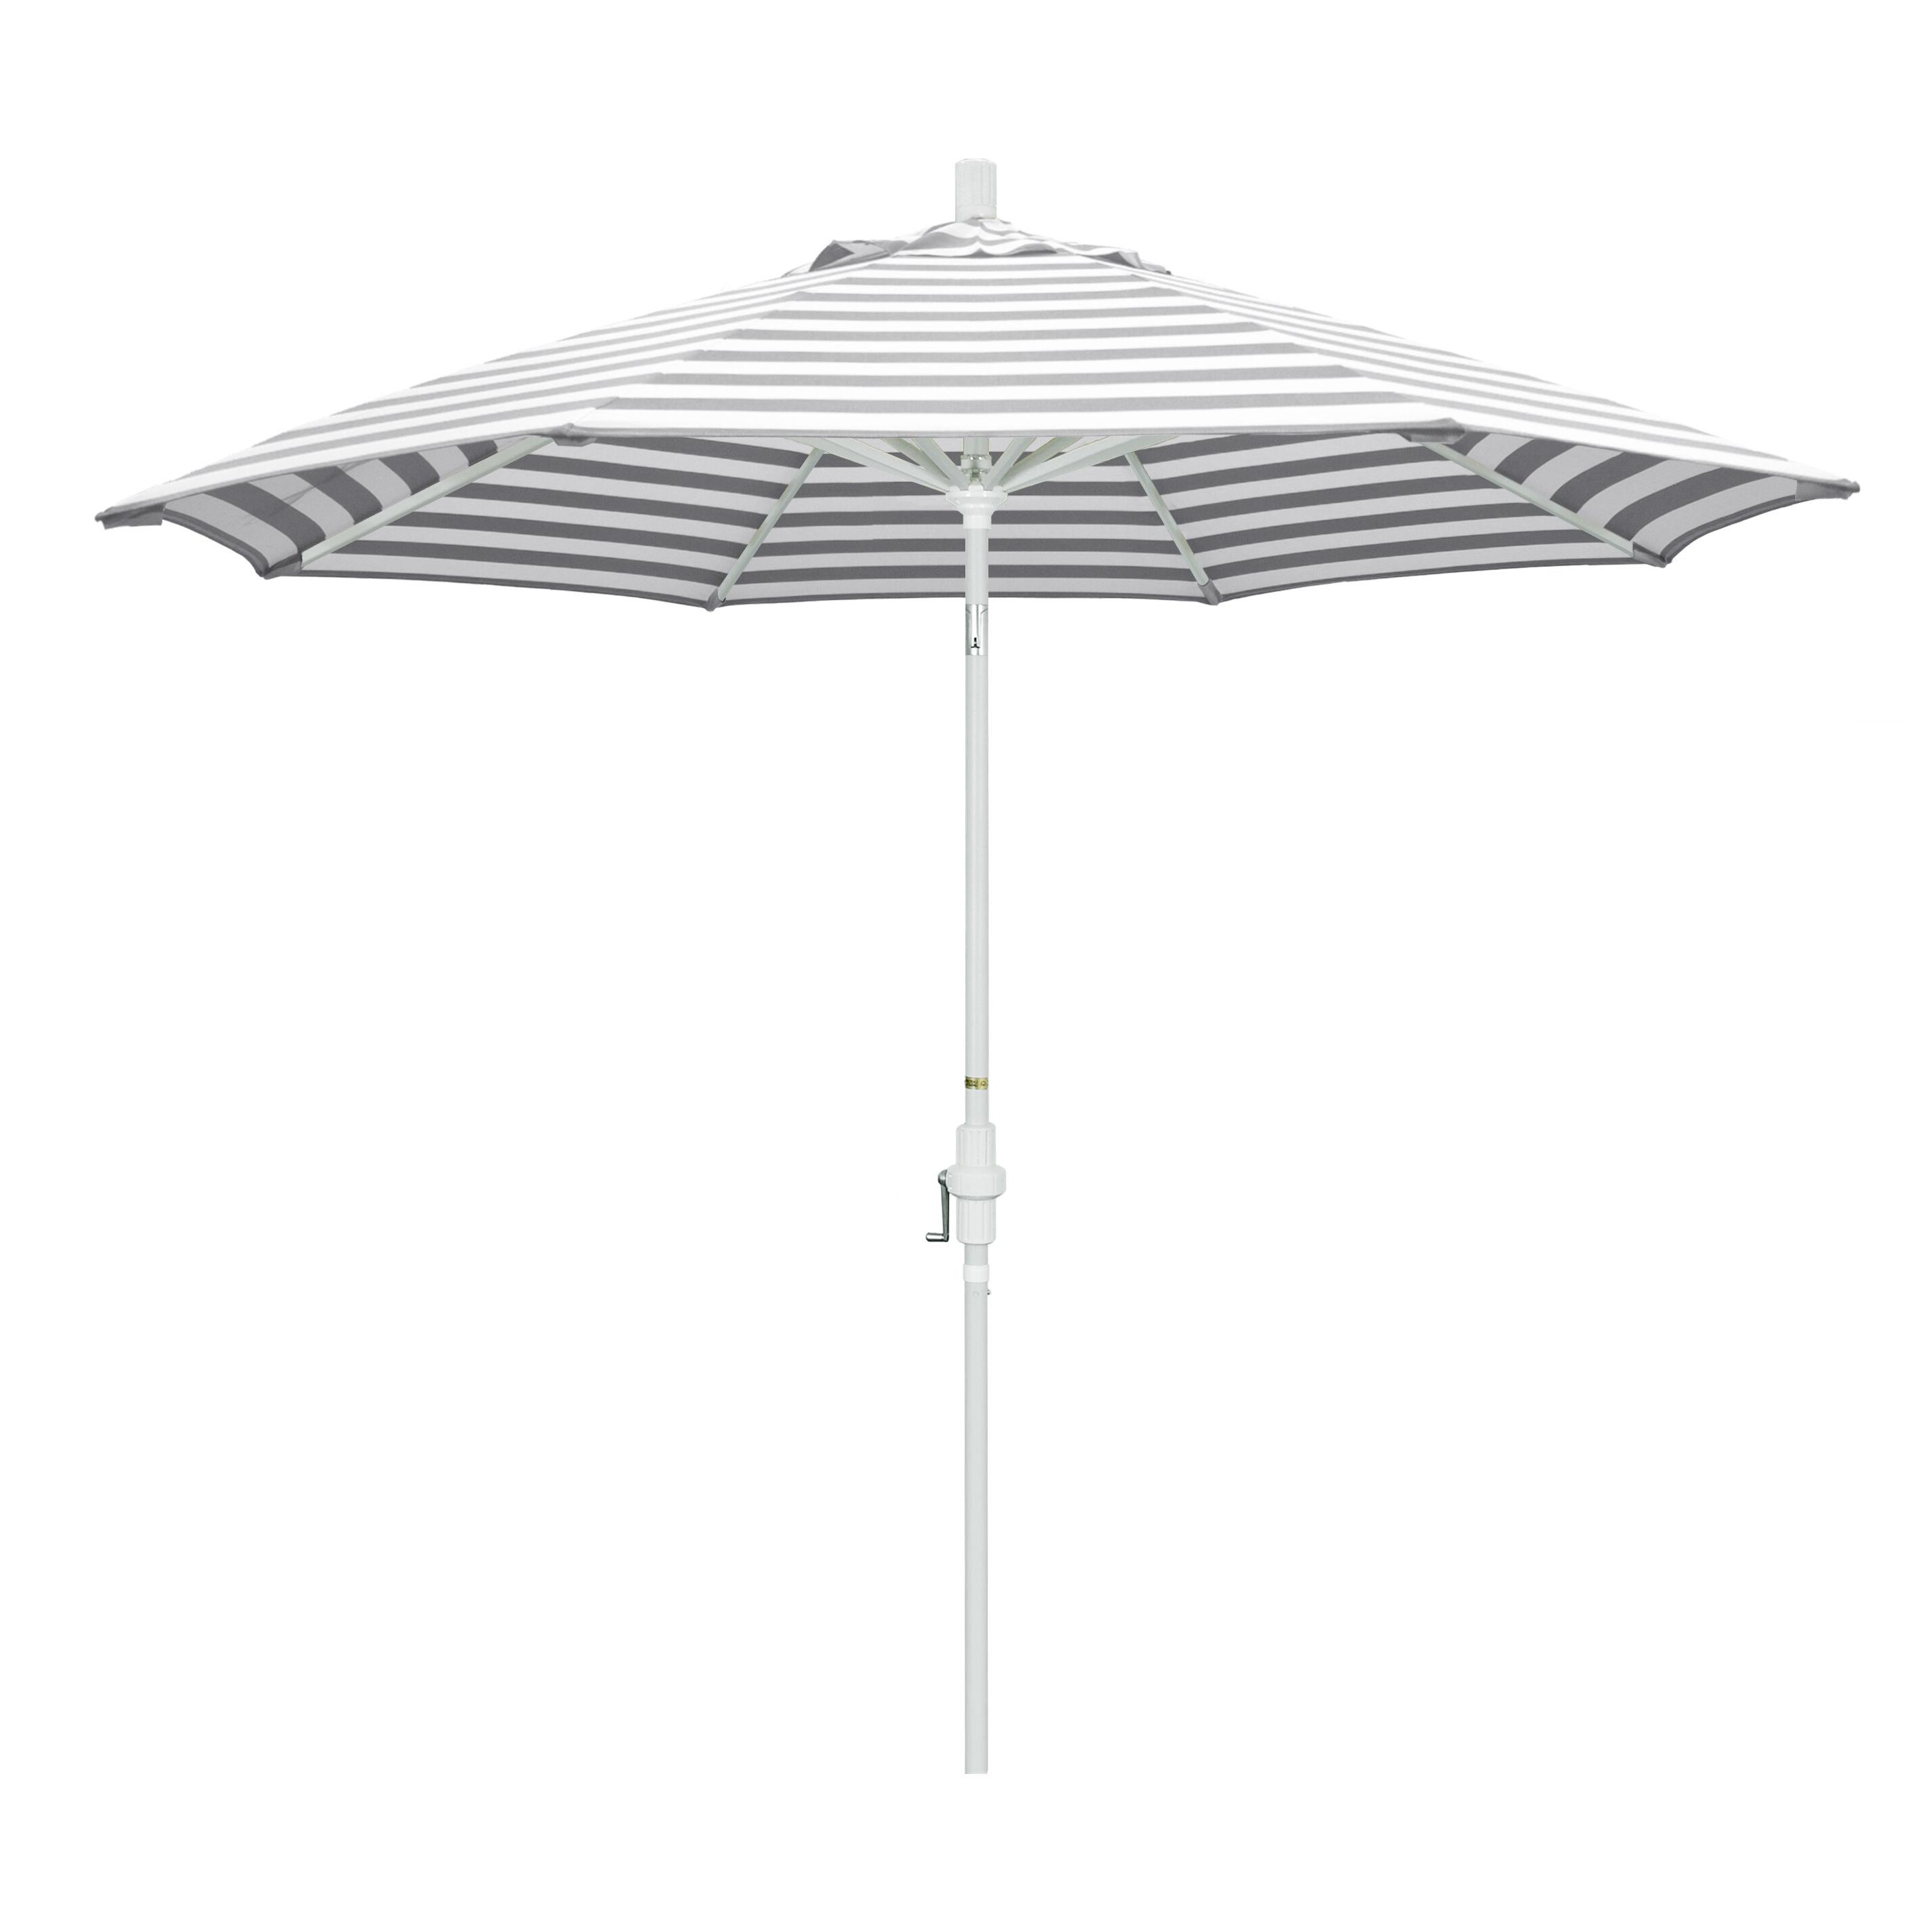 2019 9' Market Umbrella Within Lizarraga Market Umbrellas (Gallery 3 of 20)